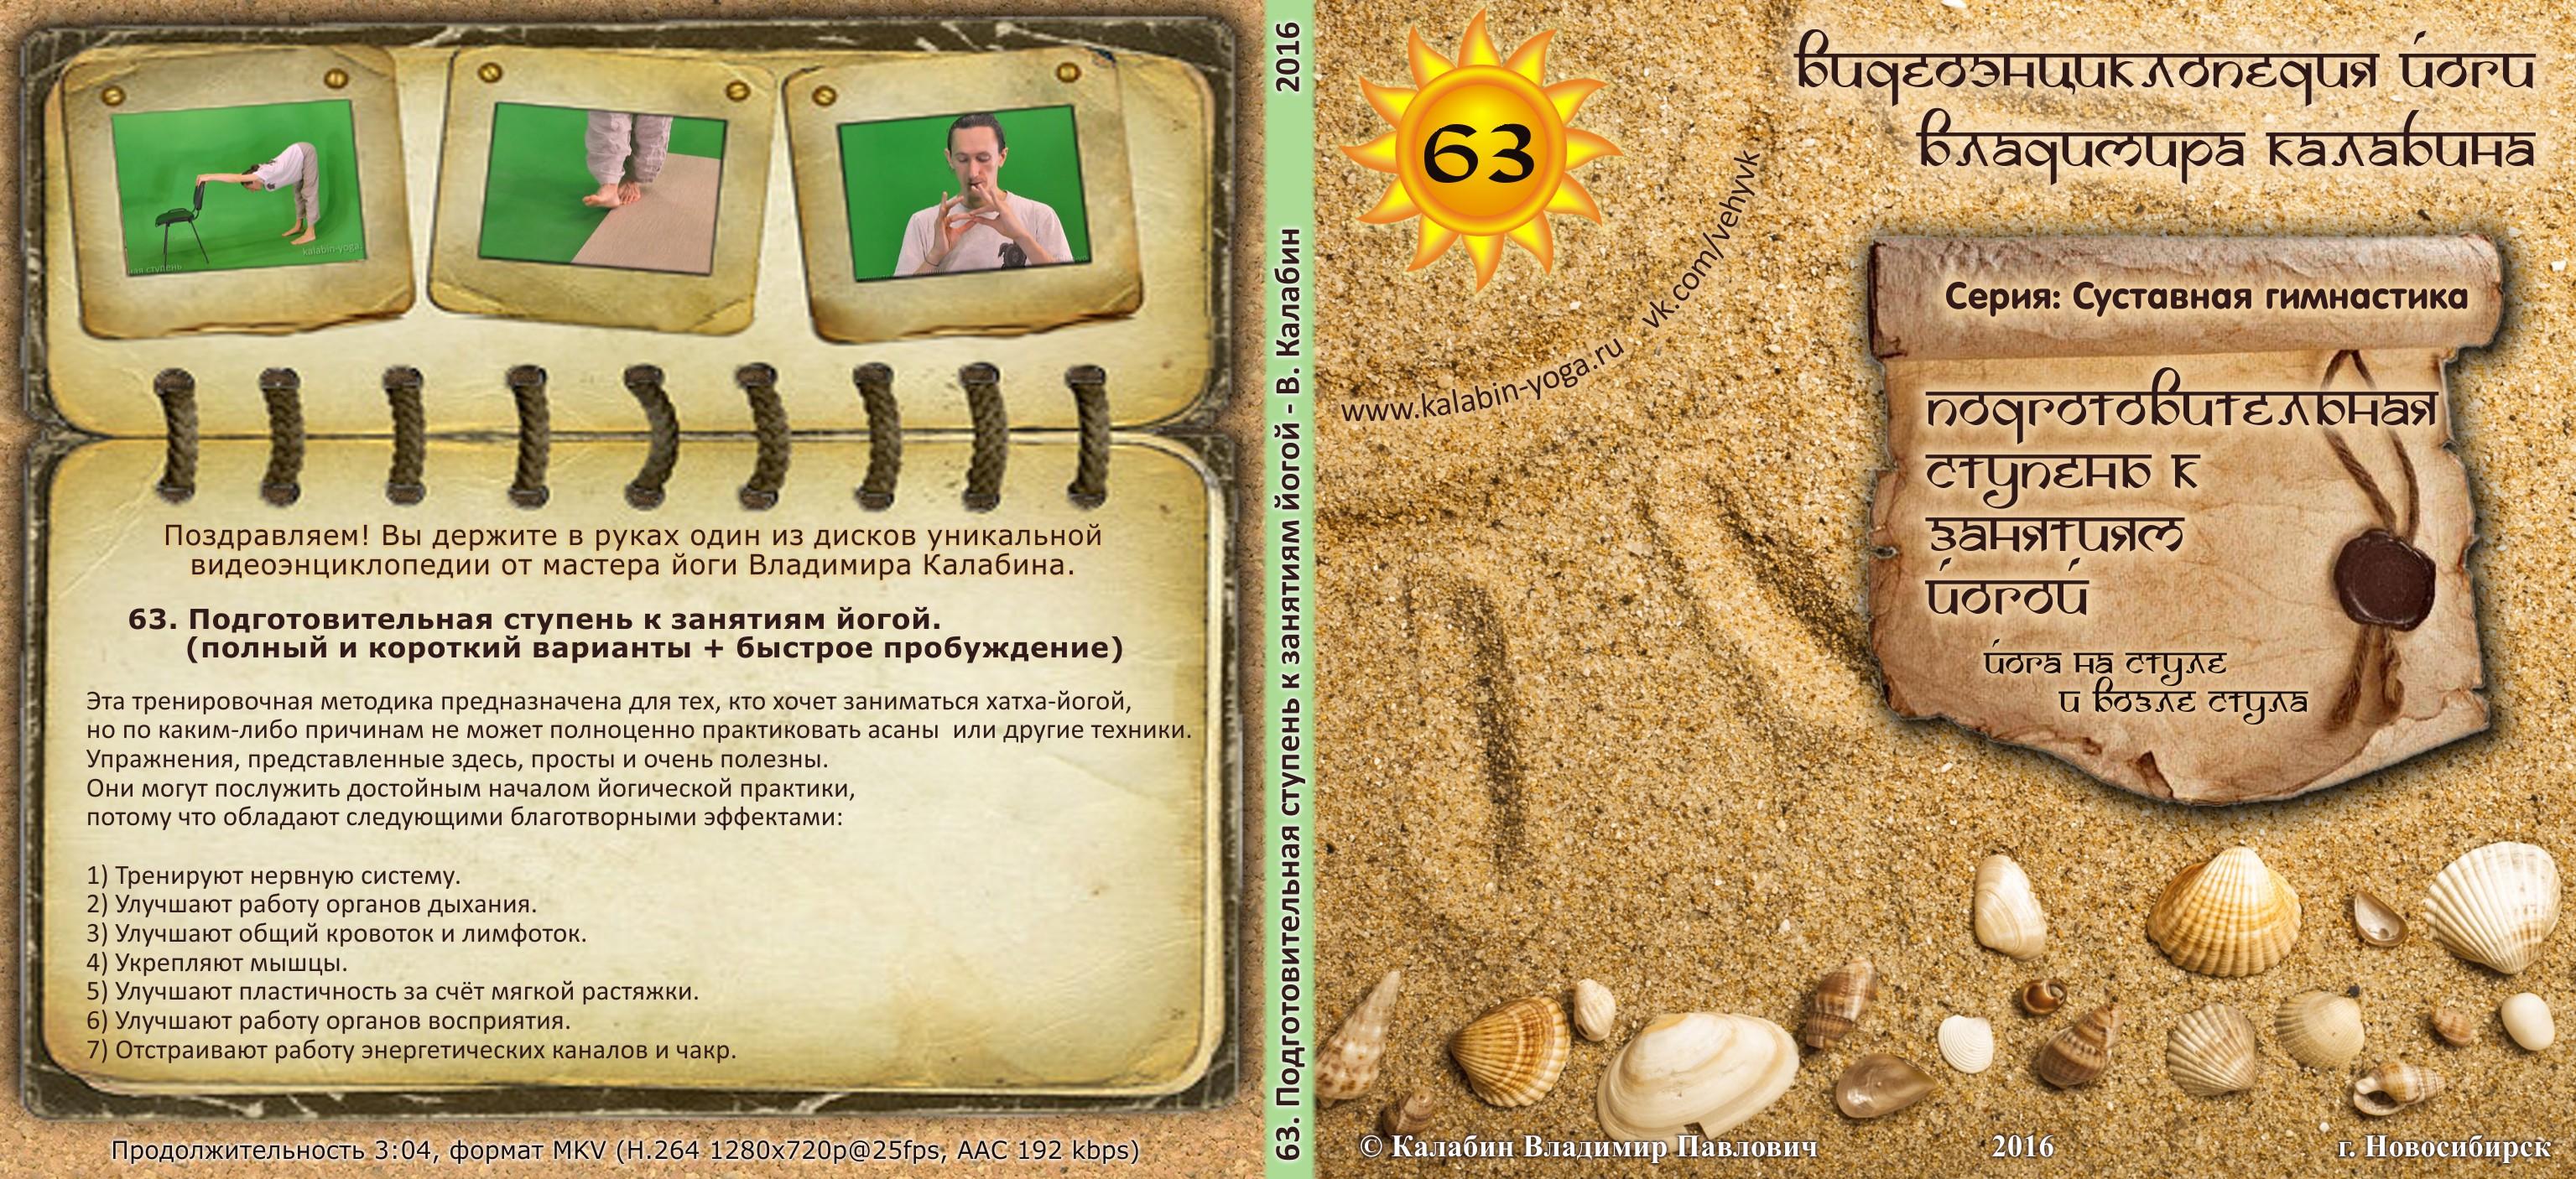 063-sustavnaya-podgotovitelnaya-stupen-k-zanyatiyam-jogoj-minidvd-260x119